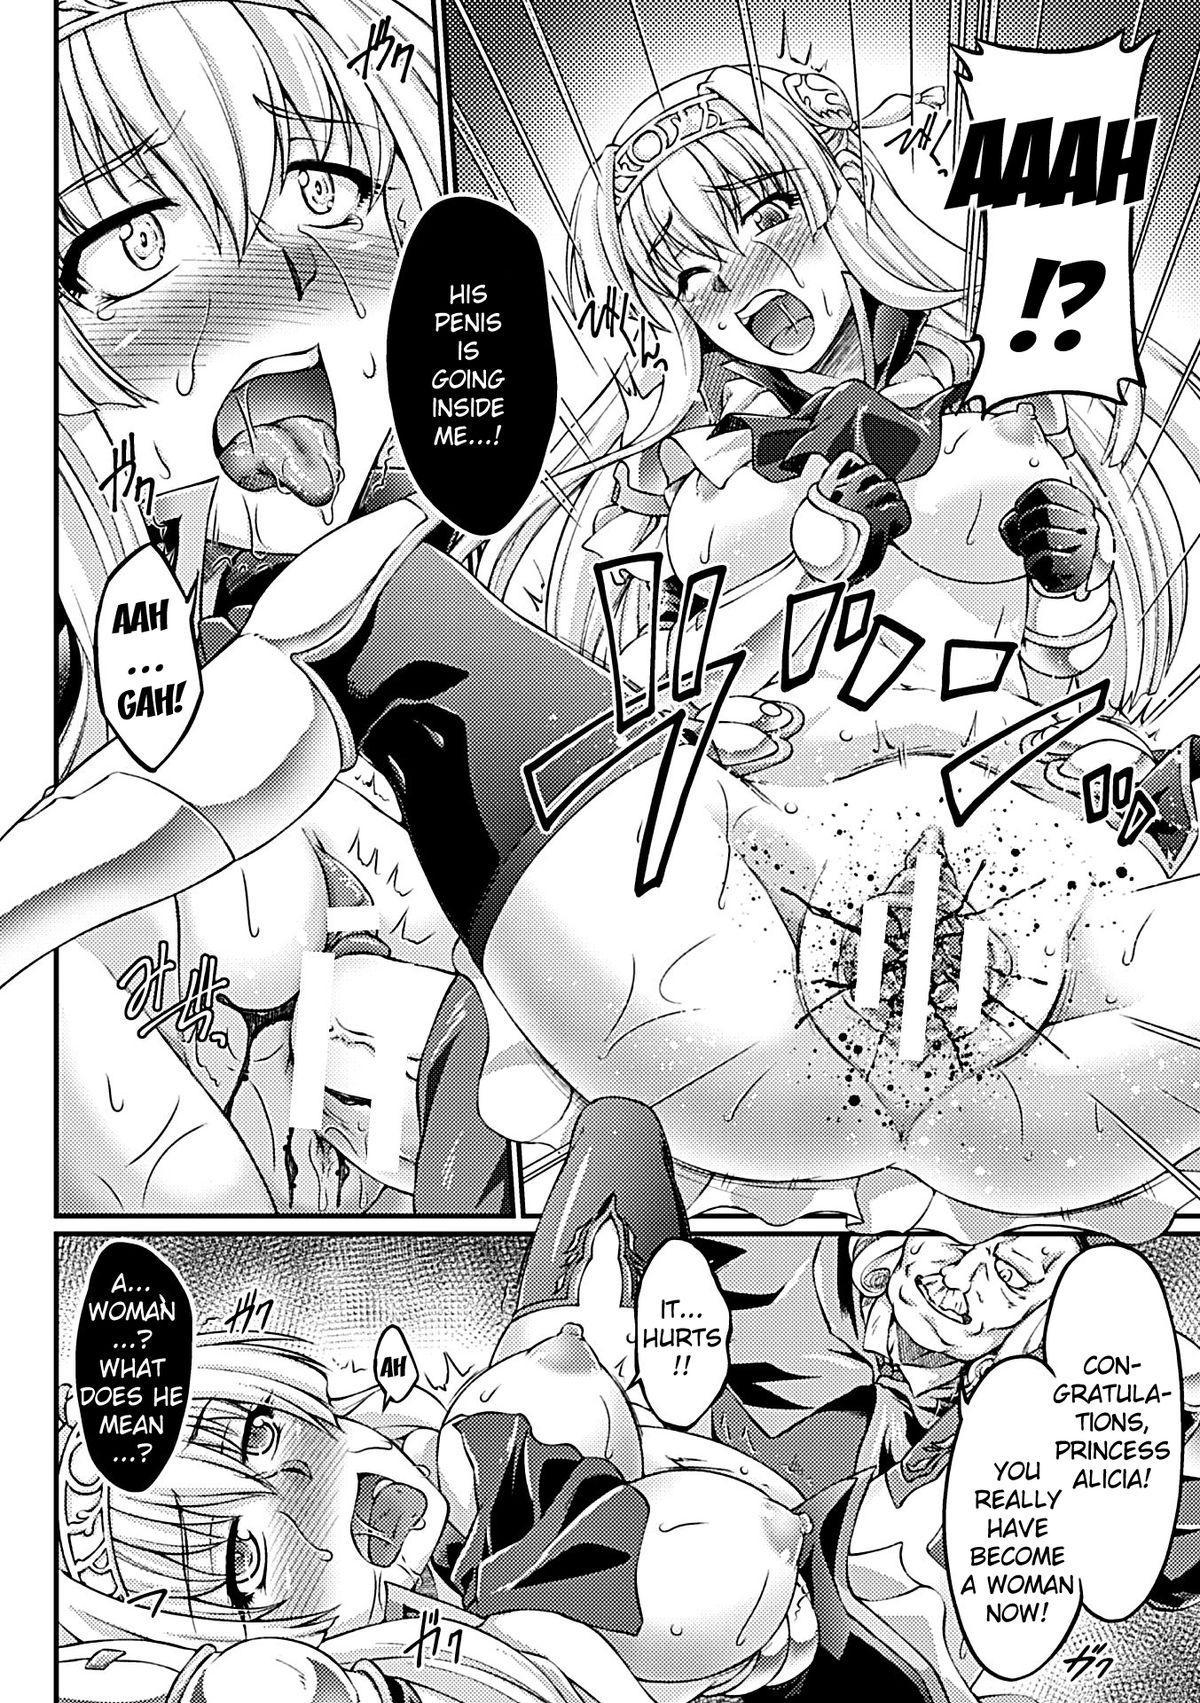 [Ootsuki Wataru] Kuroinu ~Kedakaki Seijo wa Hakudaku ni Somaru~ THE COMIC Chapters 1-5 [English] {Kizlan} [Digital] 40